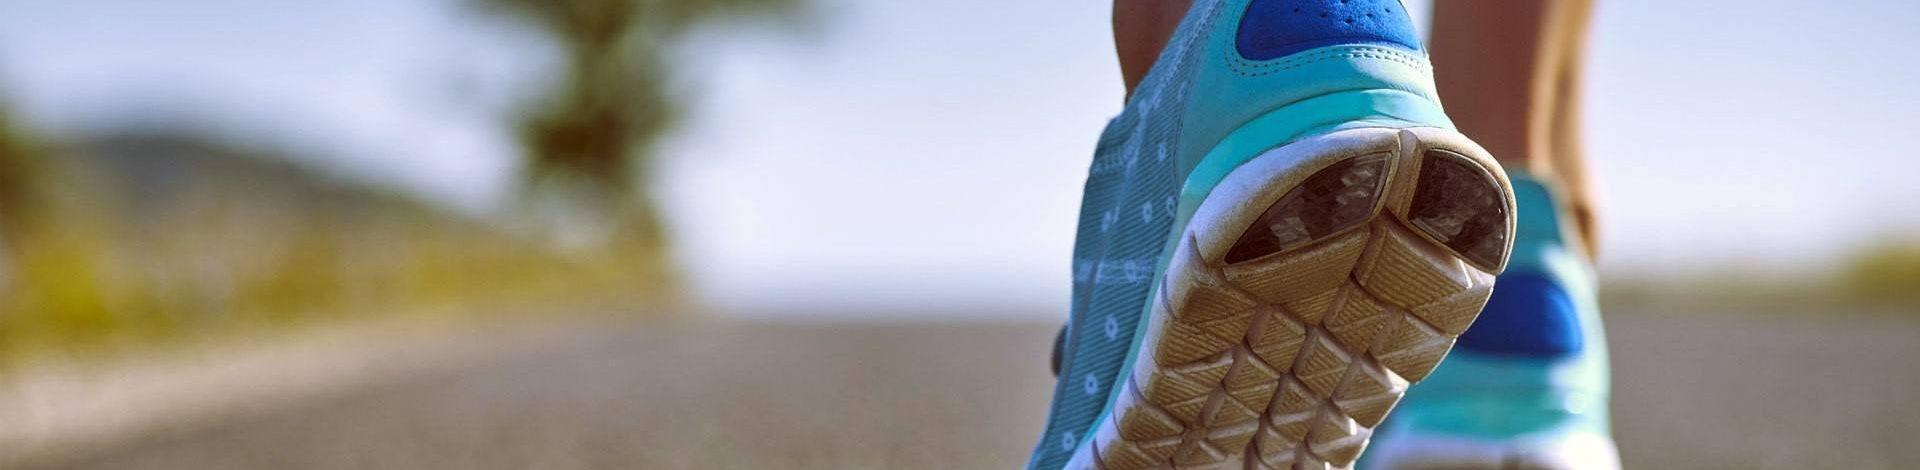 Løbesko Test → De bedste løbesko i 2020 Anbefalet af